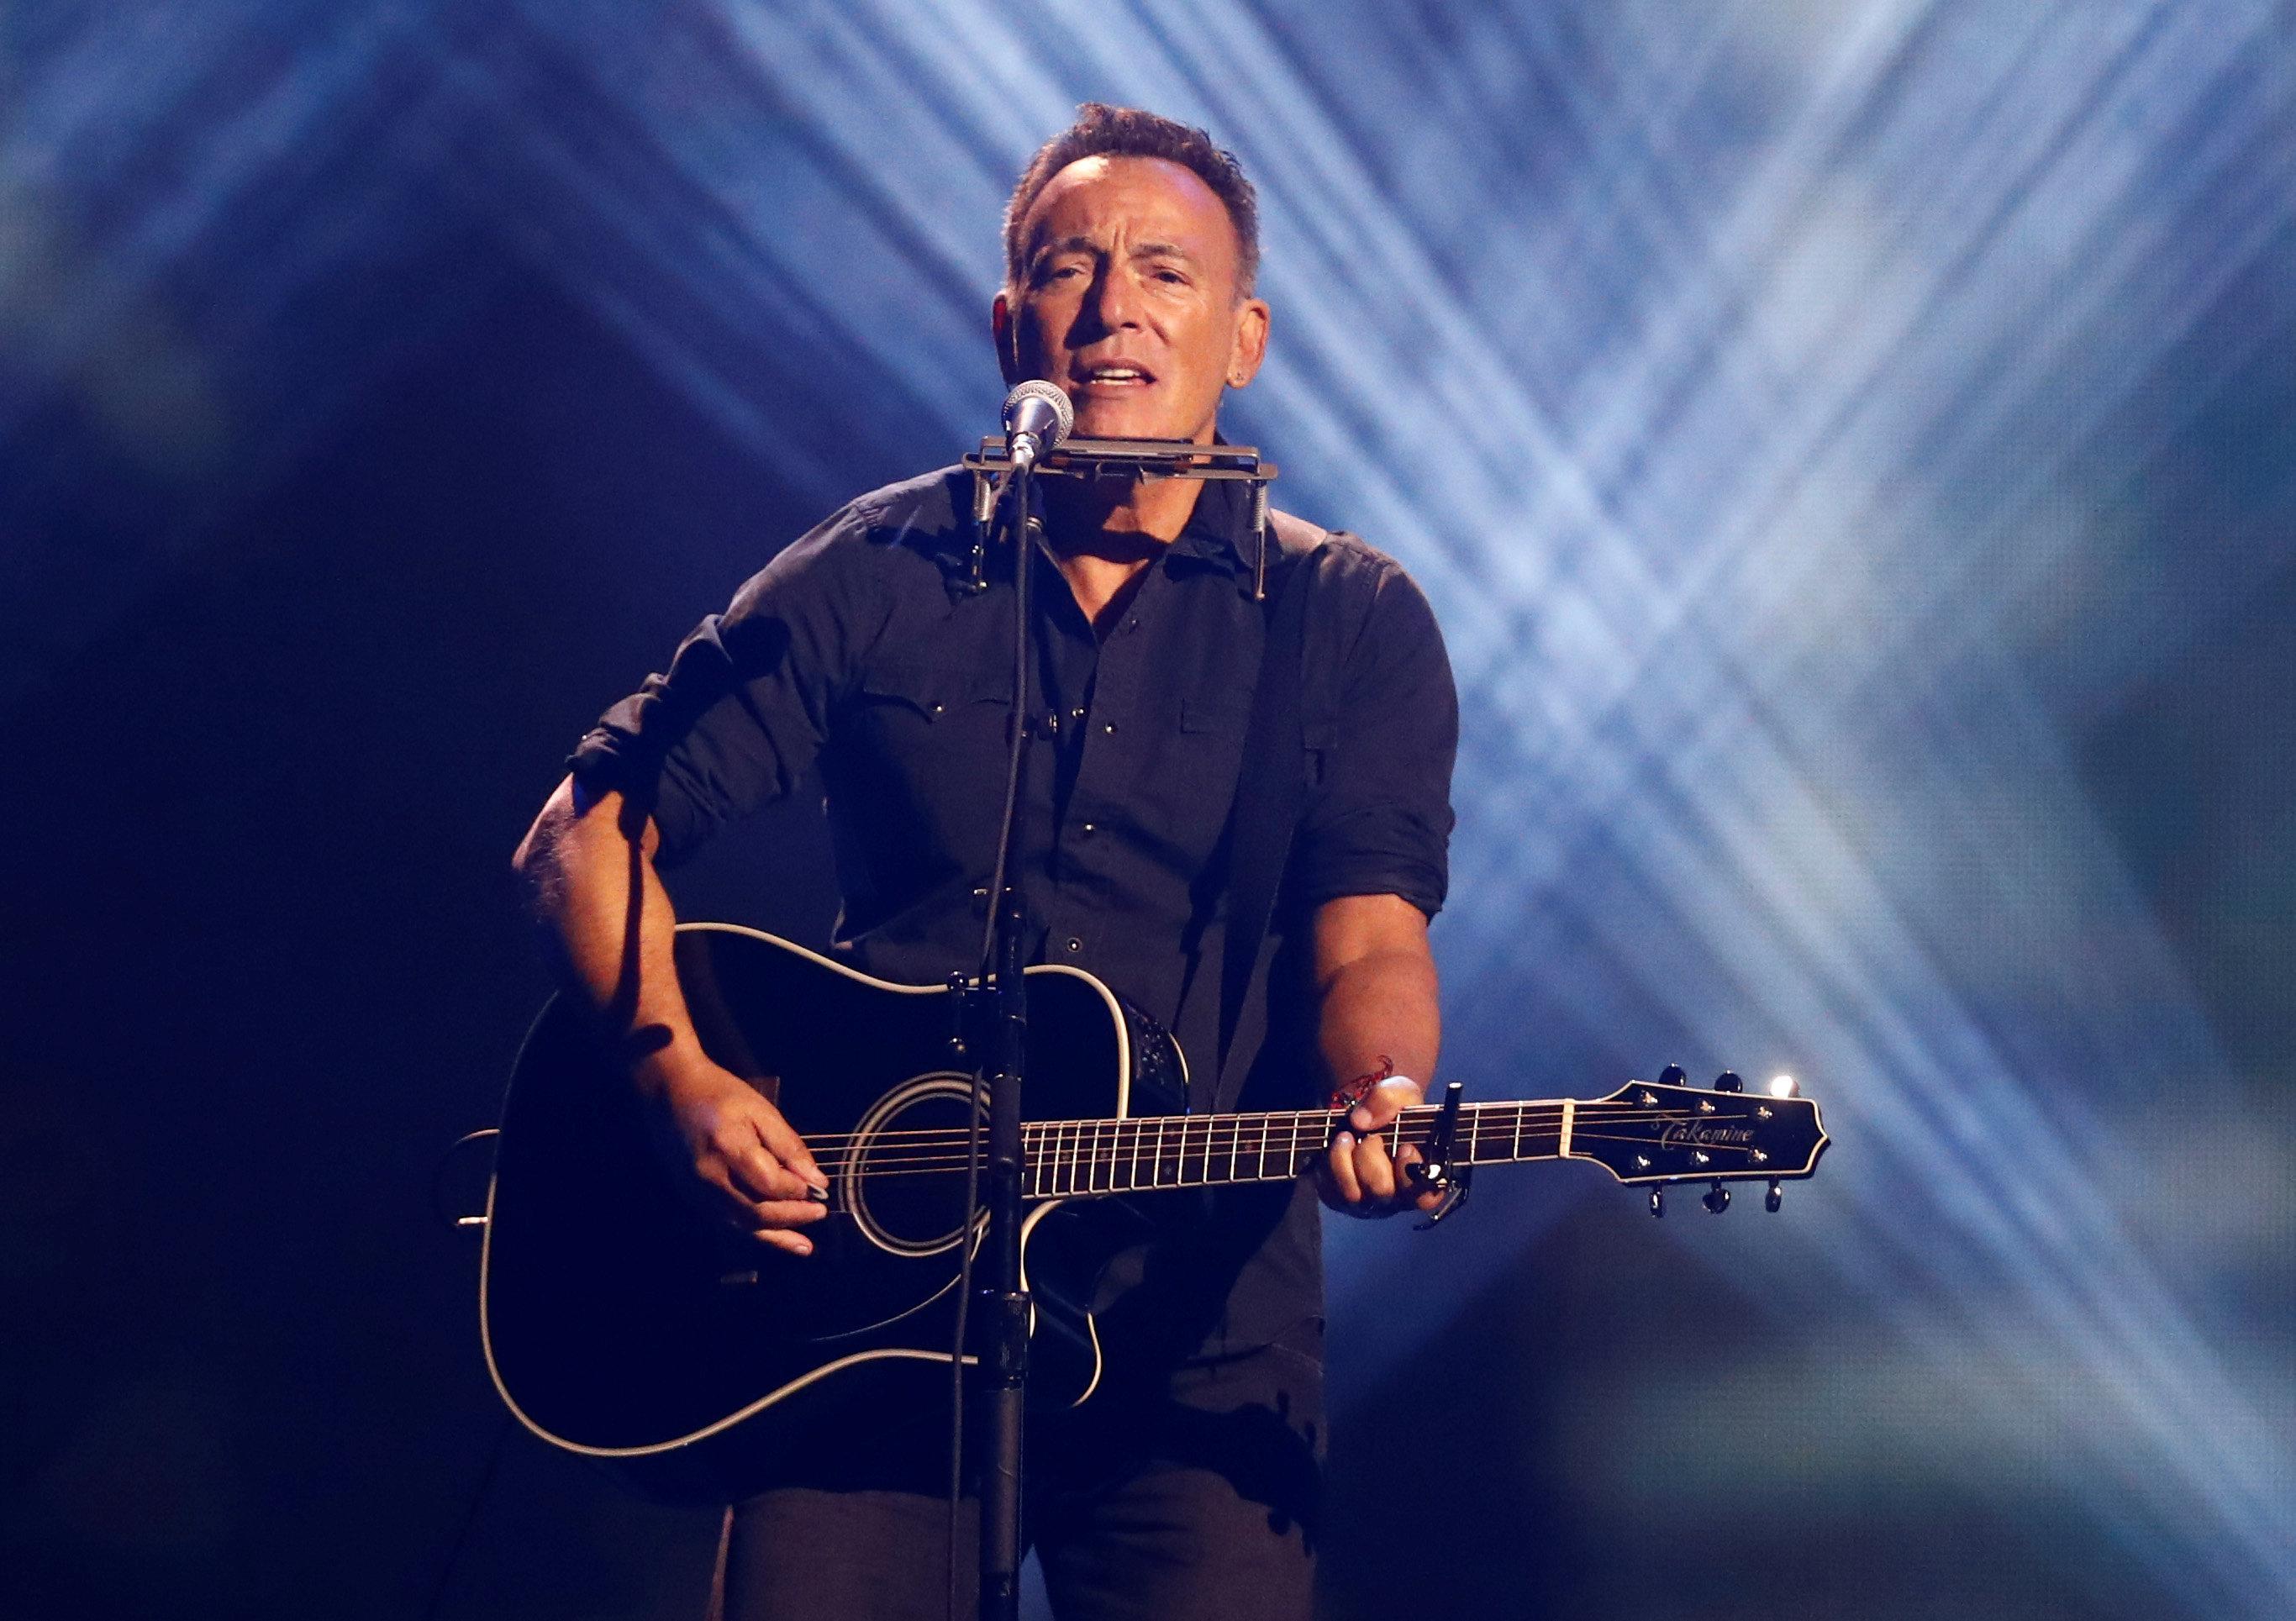 Πωλήθηκε το πατρικό σπίτι του Bruce Springsteen έναντι 225 χιλιάδων